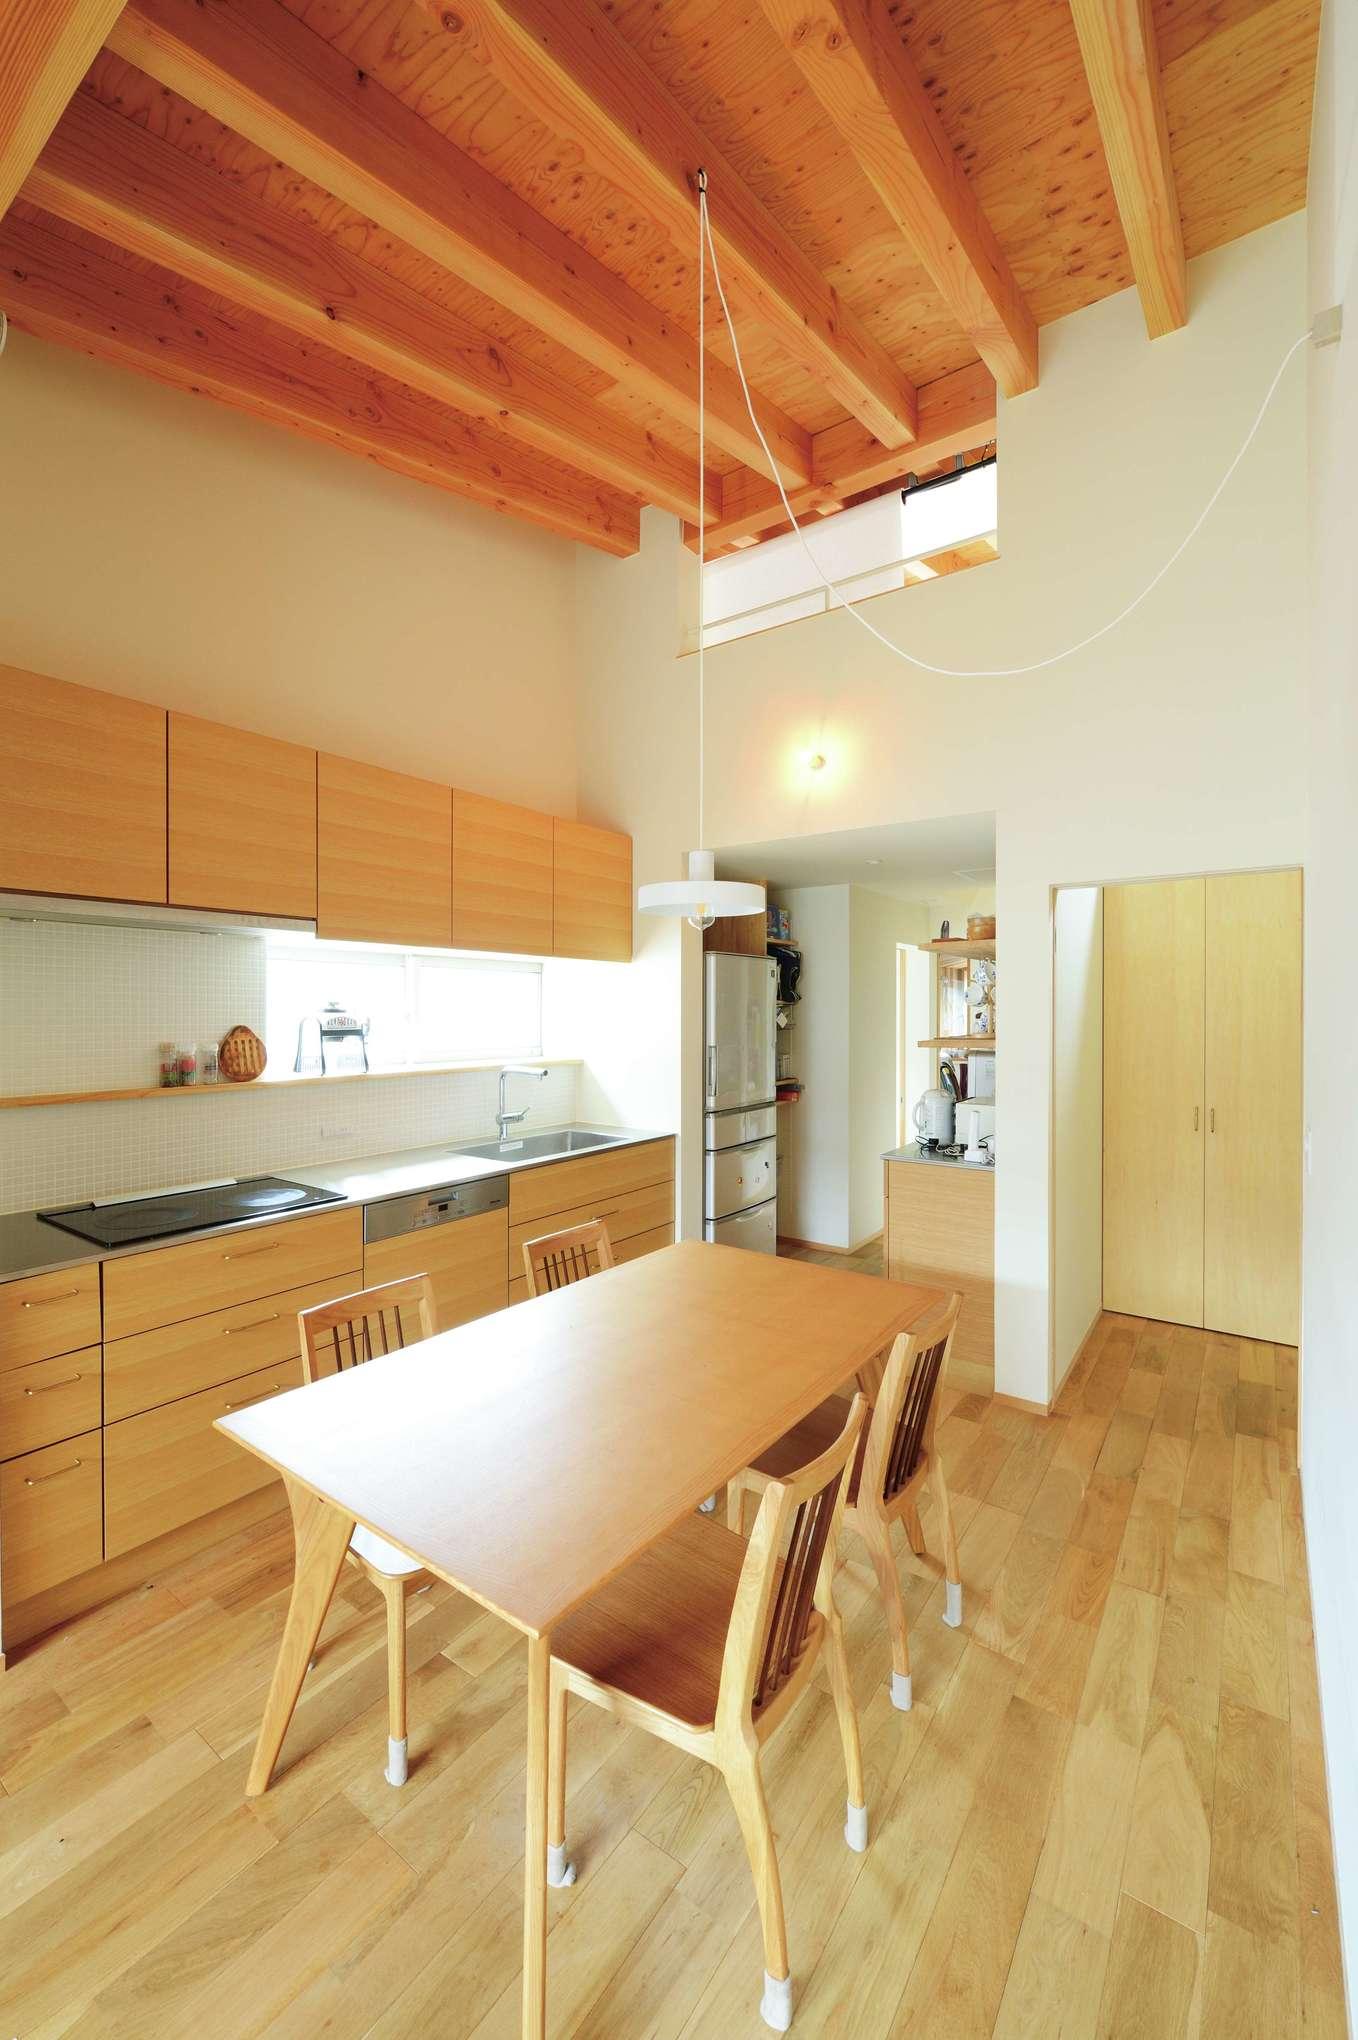 子世帯のキッチンはオリジナル造作。水回りへの短い動線と豊富な収納が奥さまの負担を軽減